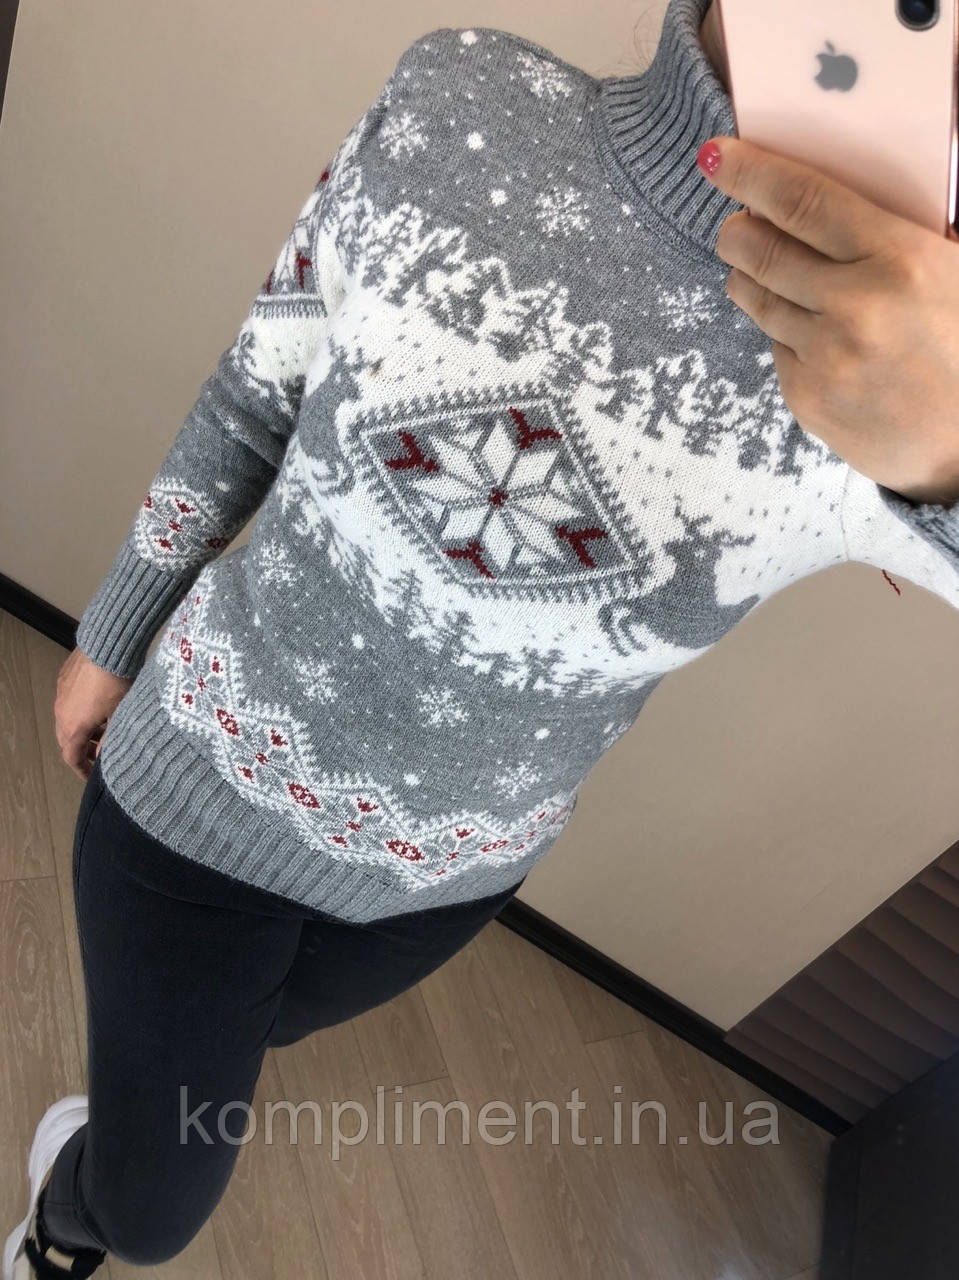 Женский шерстяной вязаный свитер с рисунком олени, серый